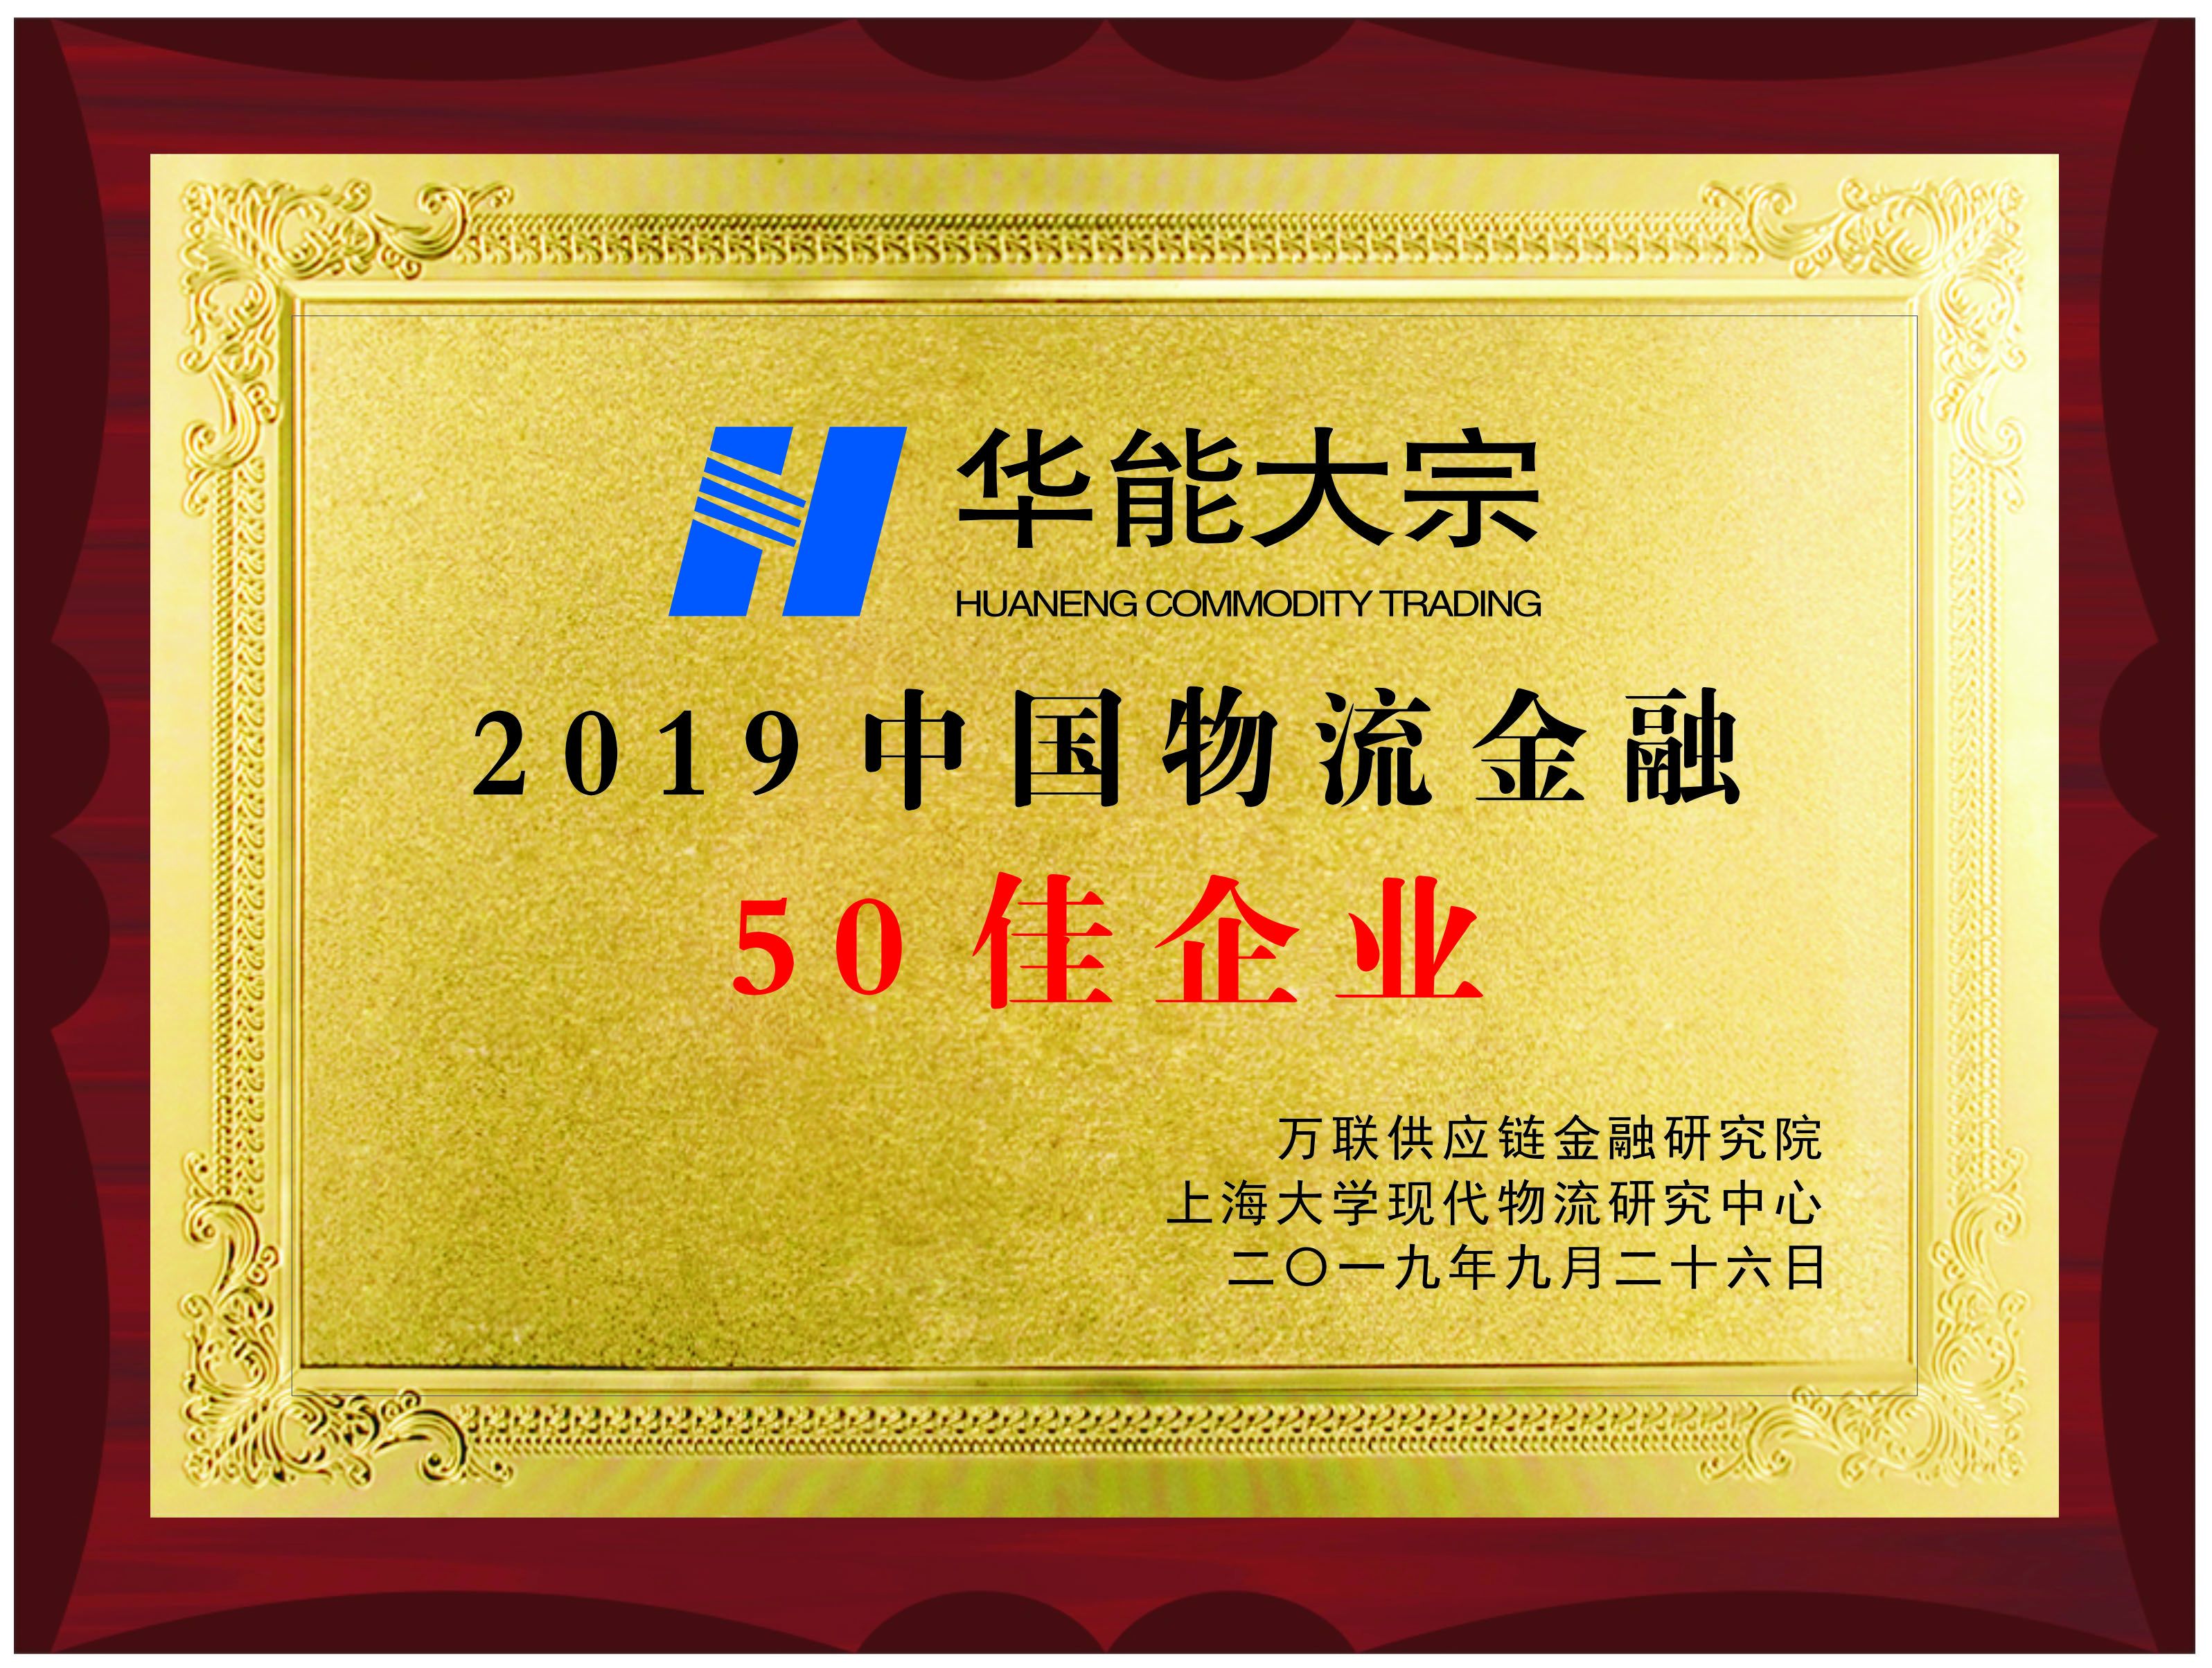 2019年中國物流金融50佳企業